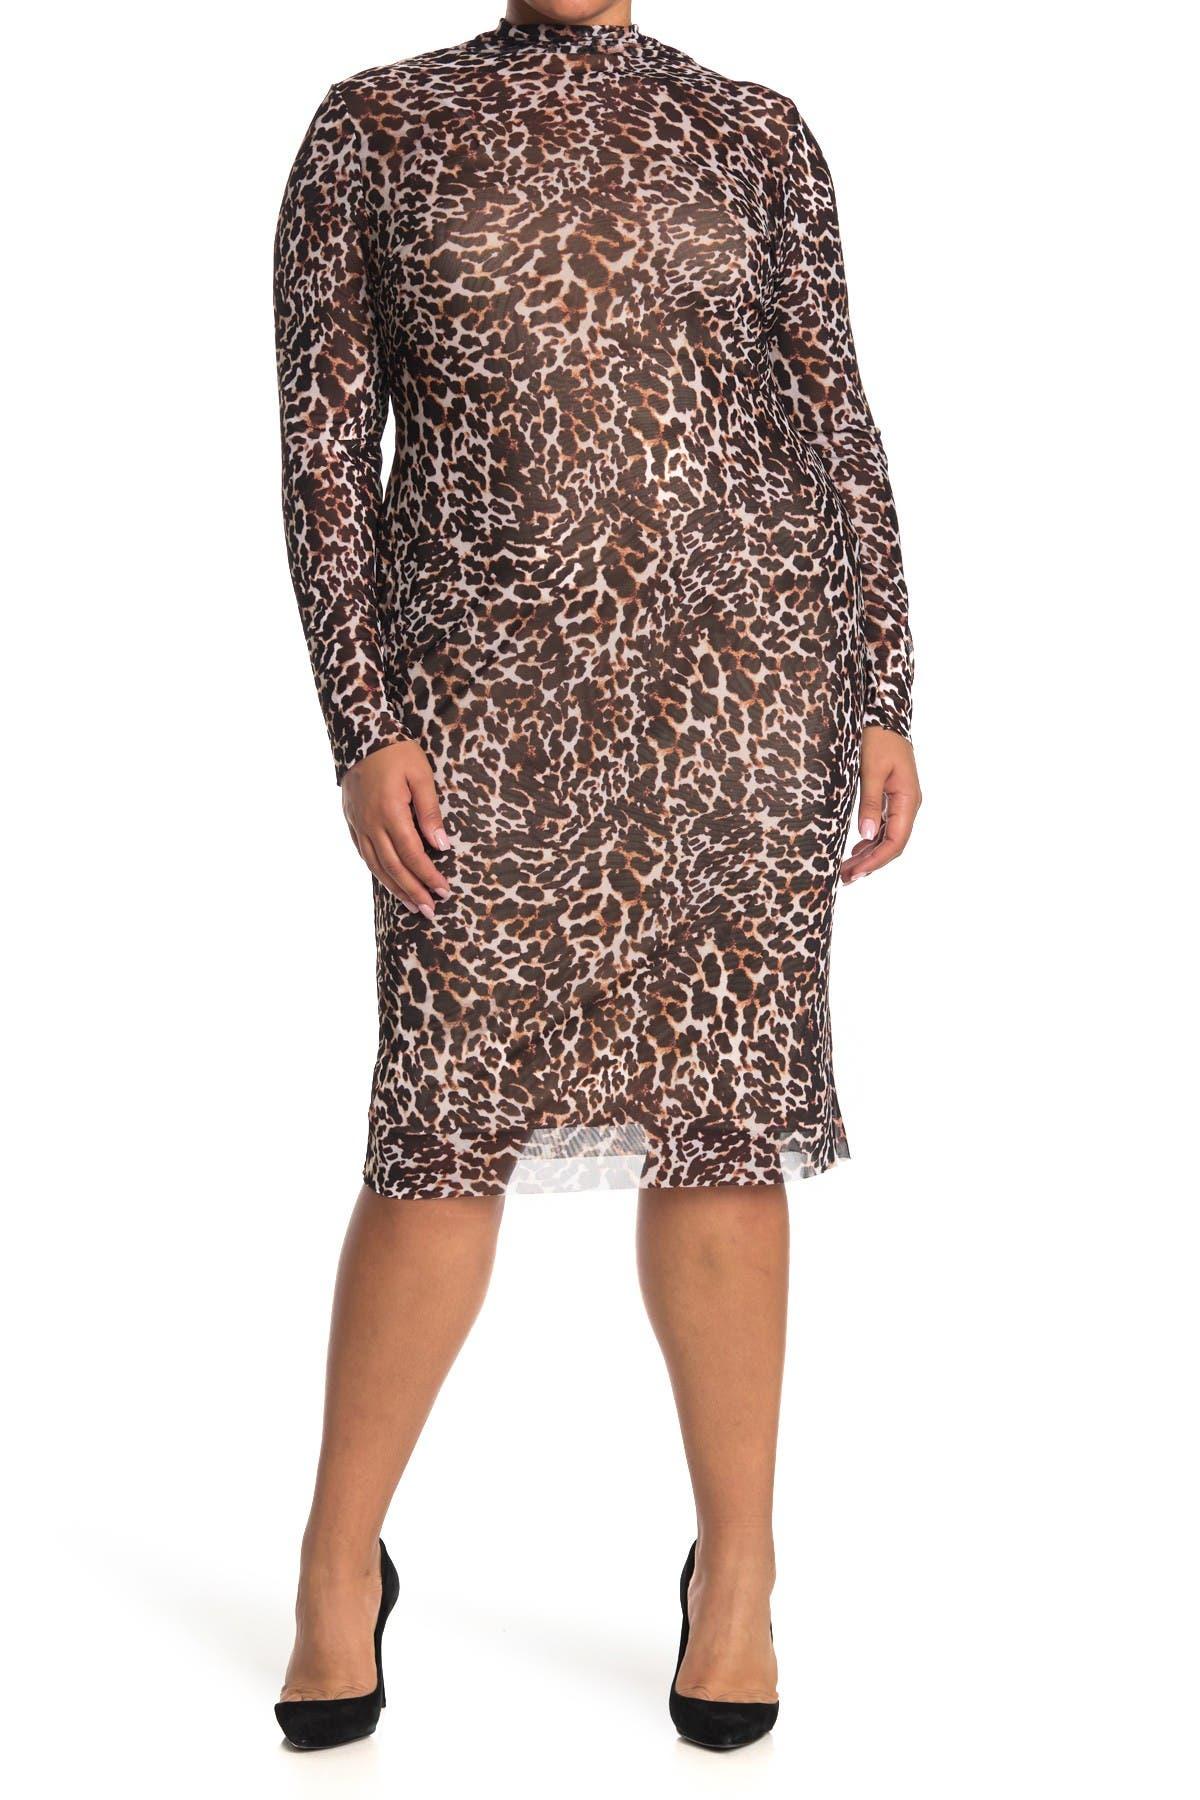 Image of AFRM Helga Leopard Dress